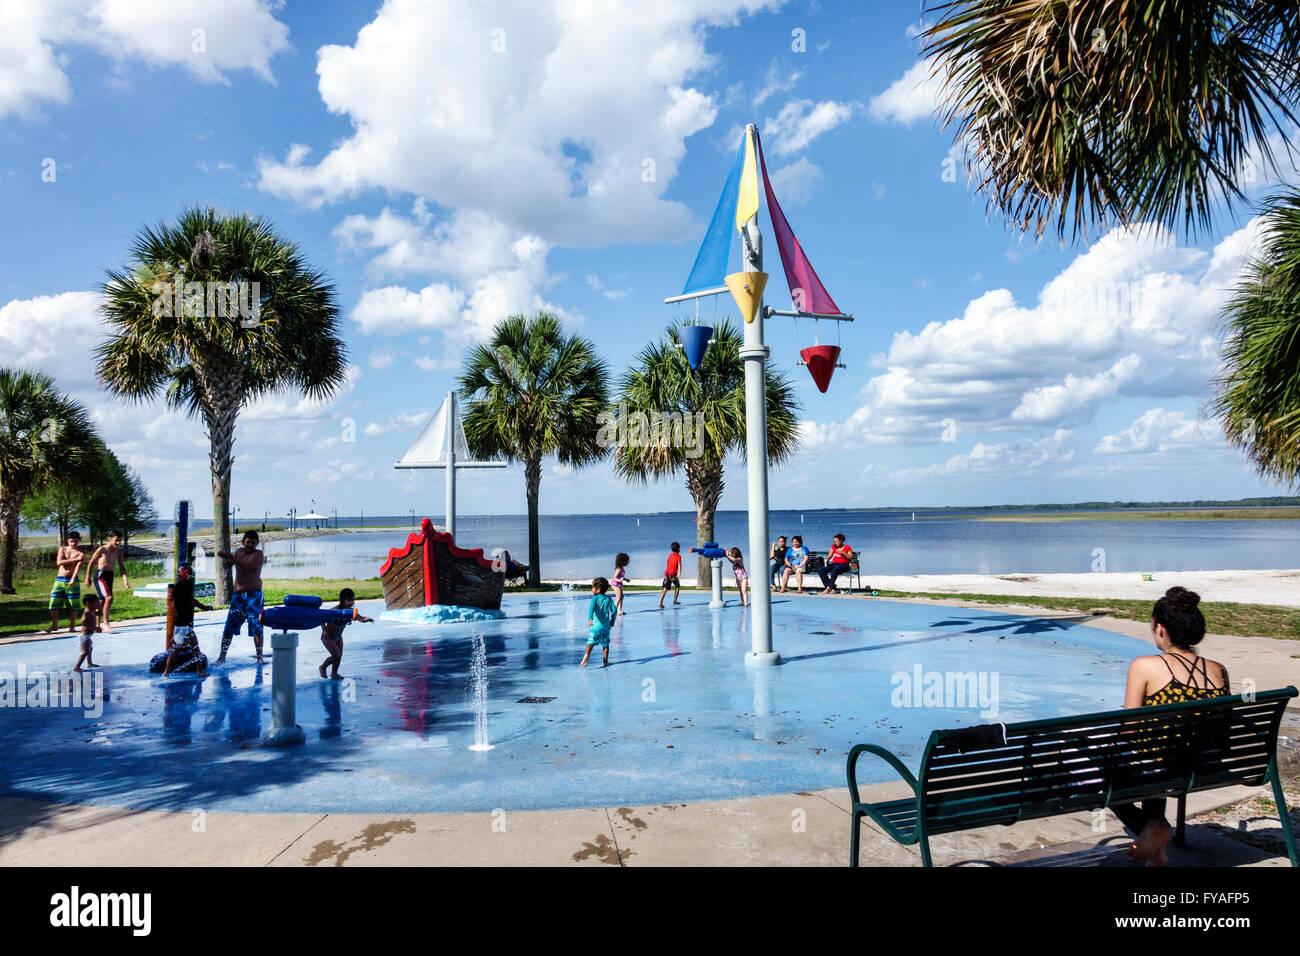 St Floride Saint Cloud Lakefront Park à l'Est Le lac Tohopekaliga fontaine publique jets jets d'eau Photo Stock